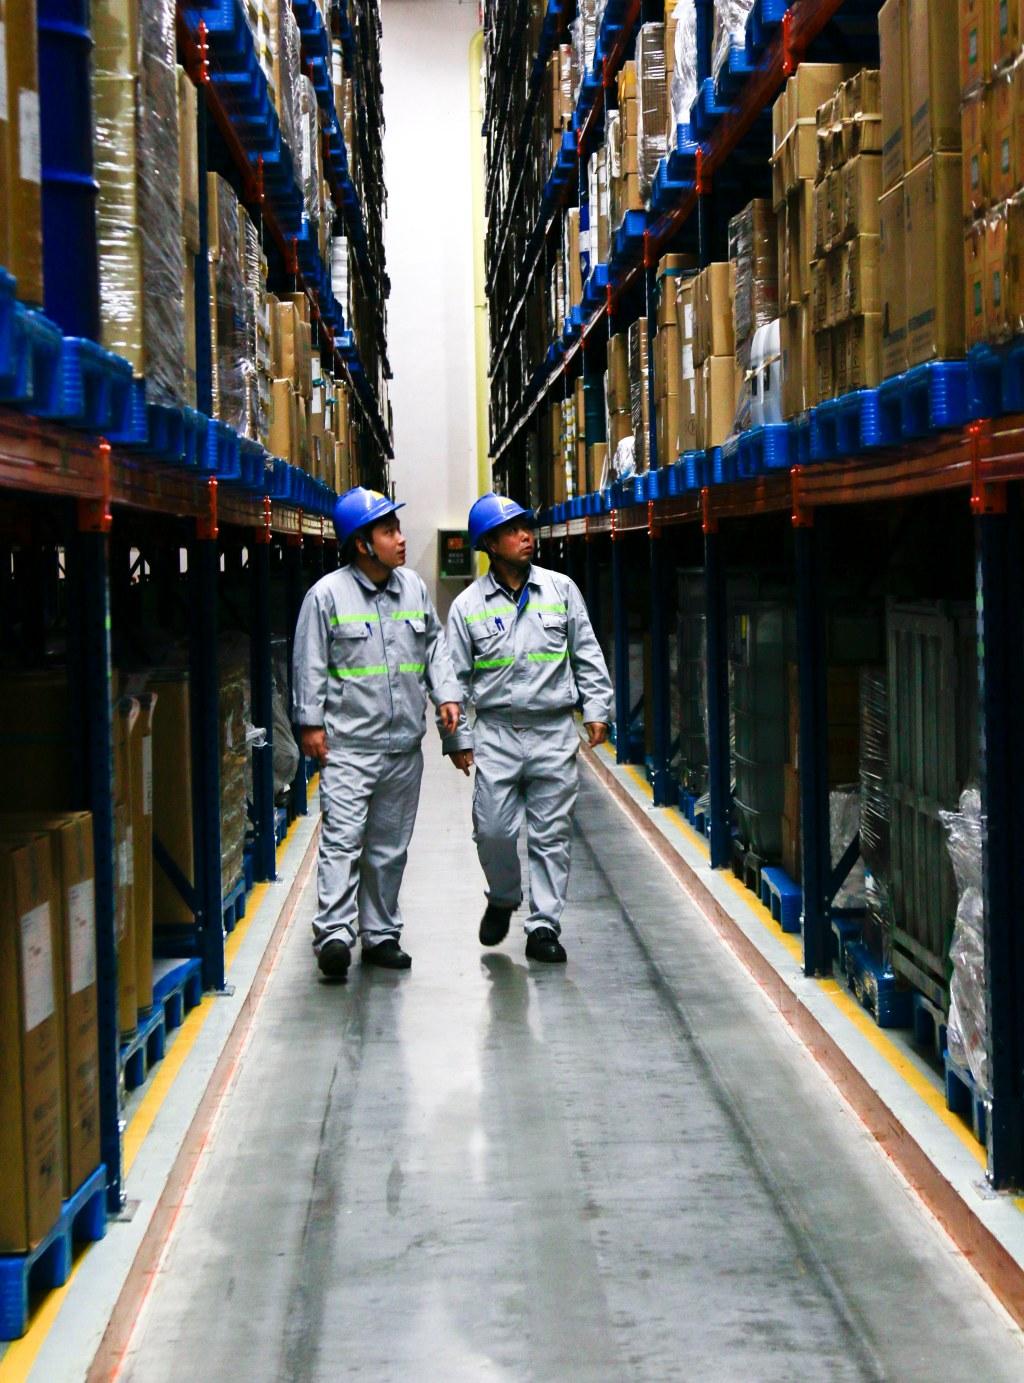 warehouse_xian-china_112916_mg_9755